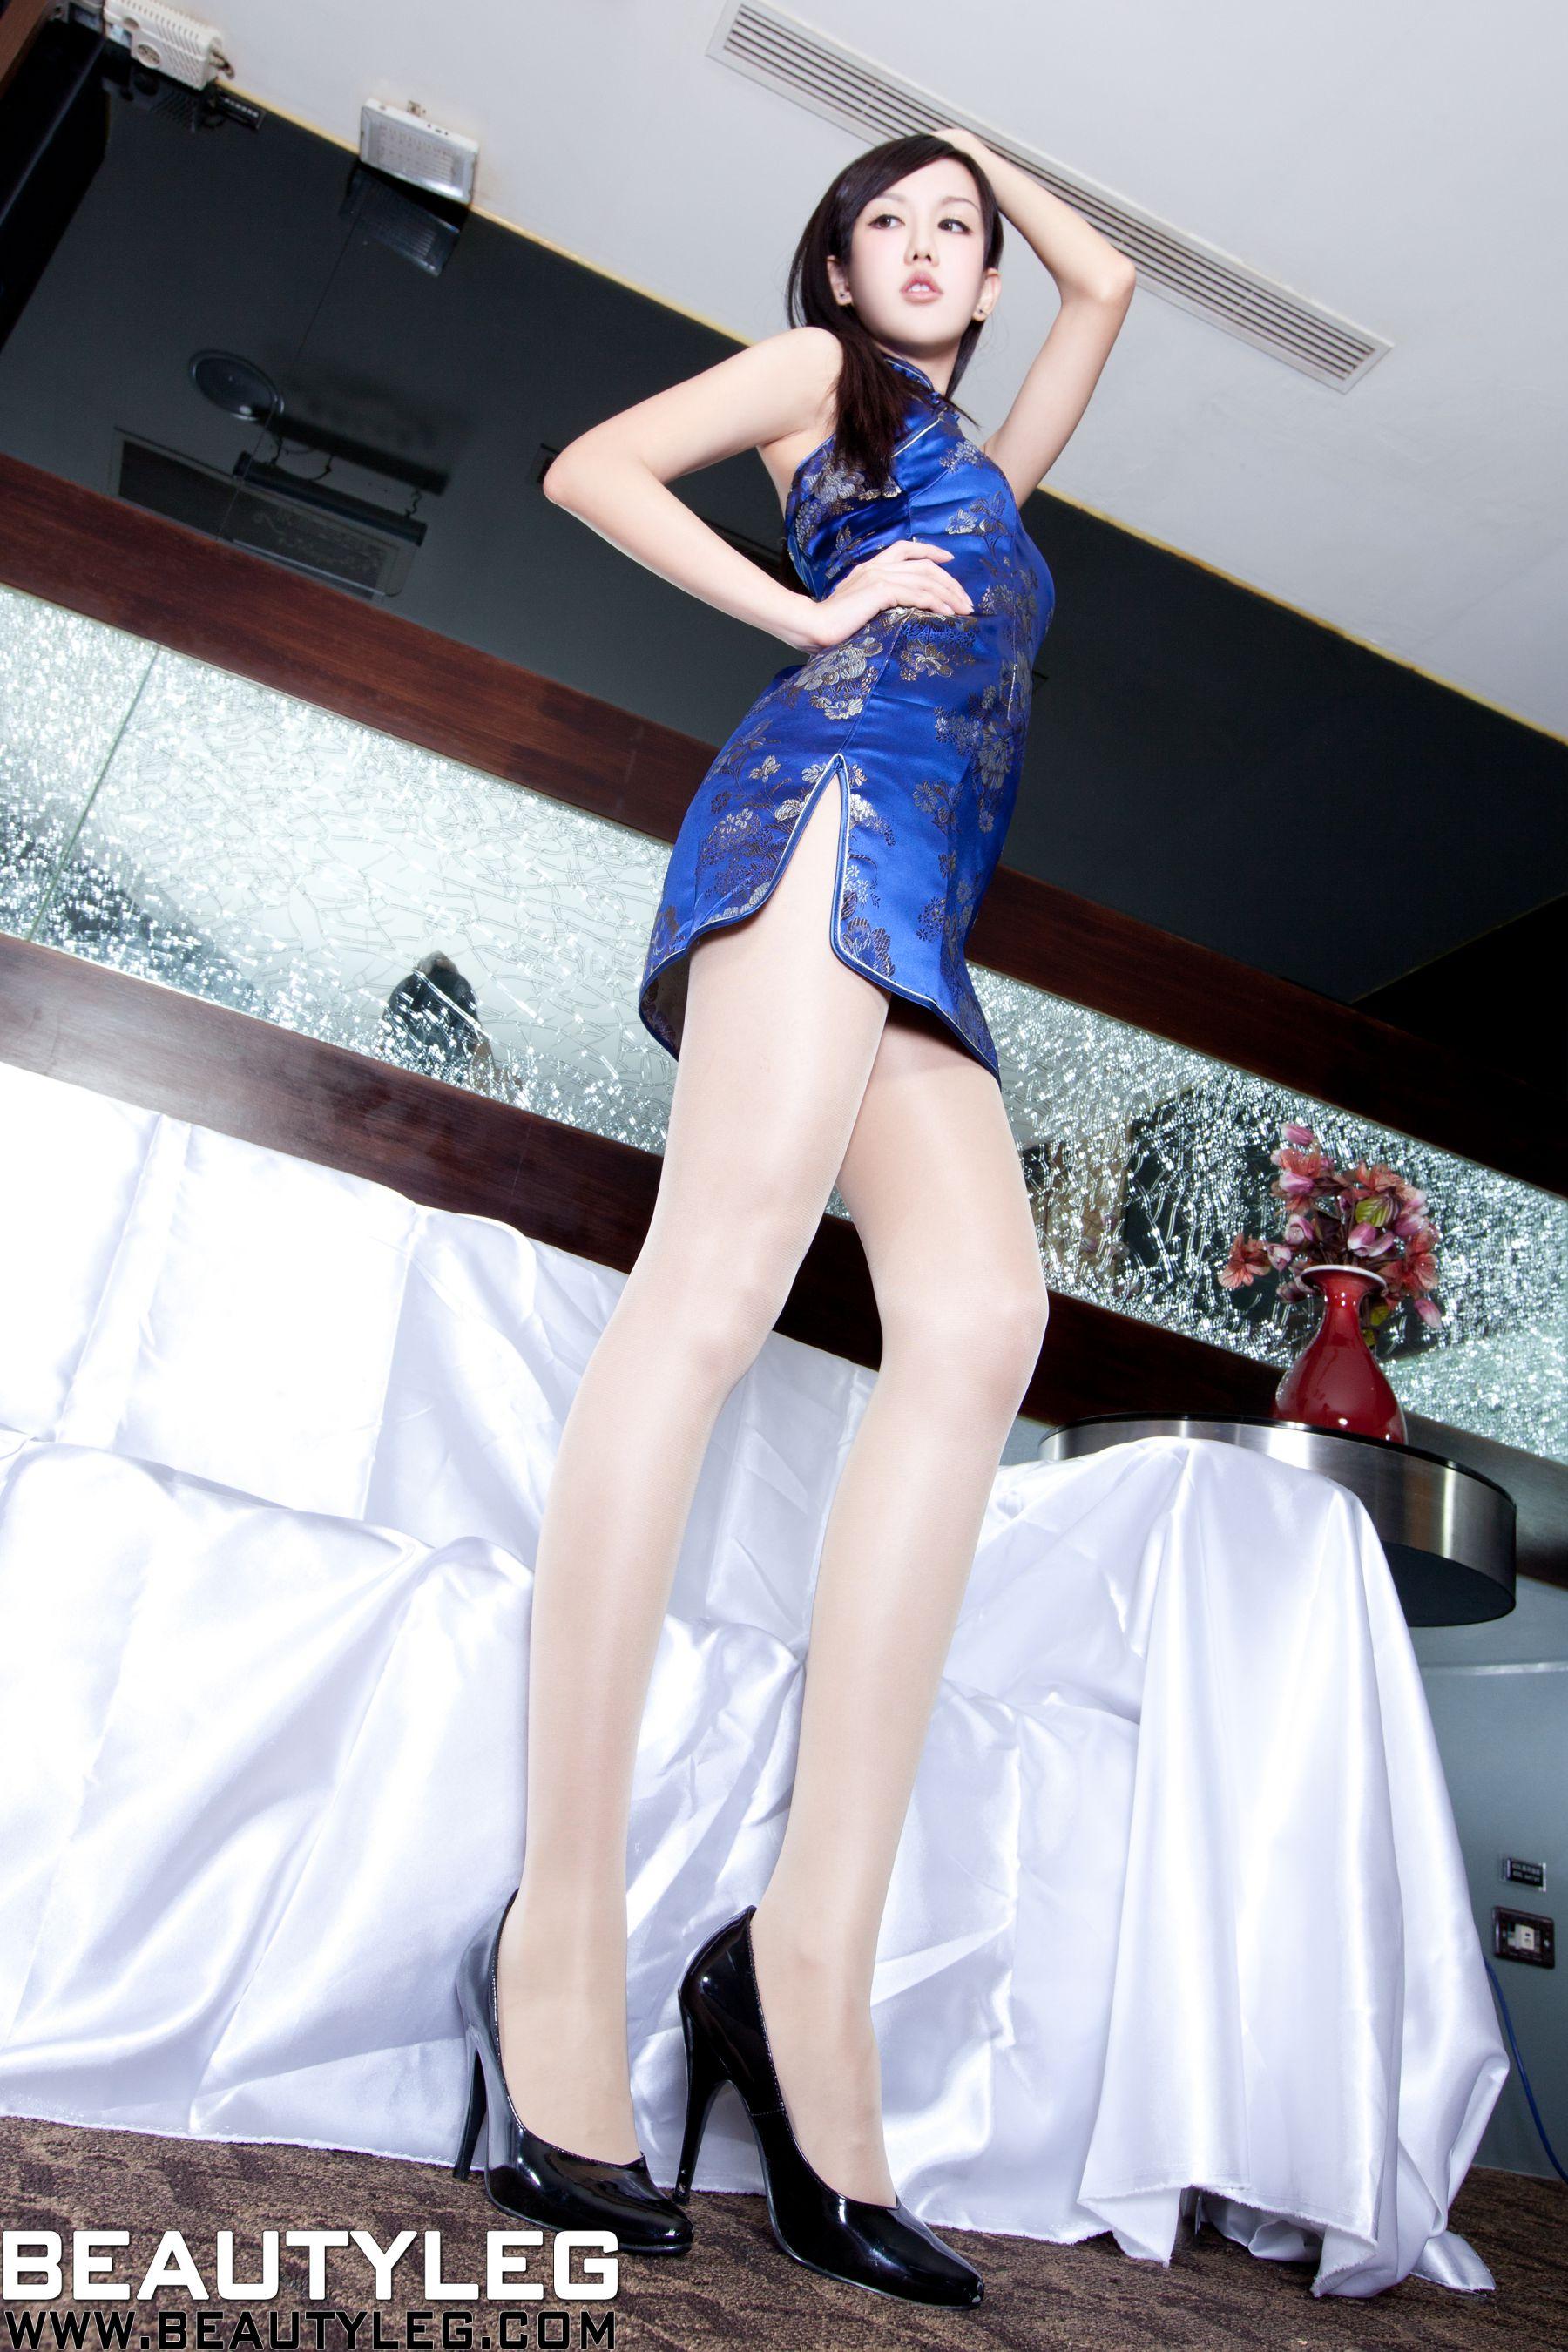 VOL.1512 [Beautyleg]美腿:林瑞瑜(Beautyleg Sara,腿模Sara)高品质写真套图(42P)